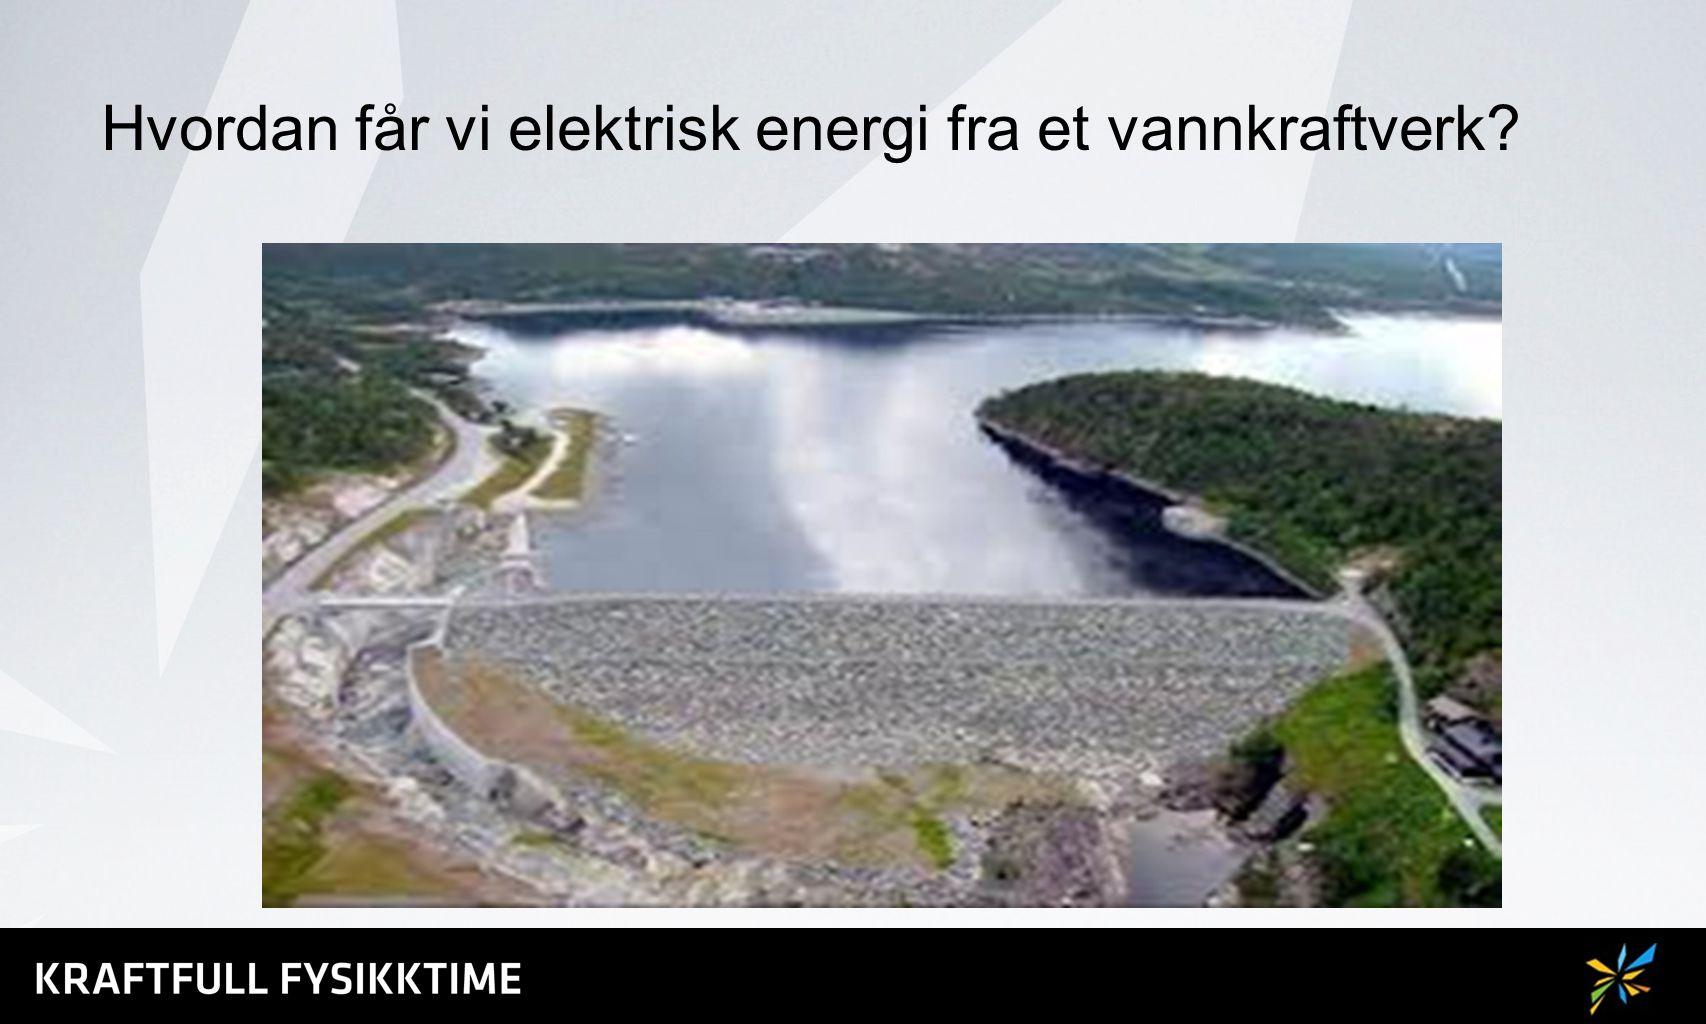 Hvordan får vi elektrisk energi fra et vannkraftverk